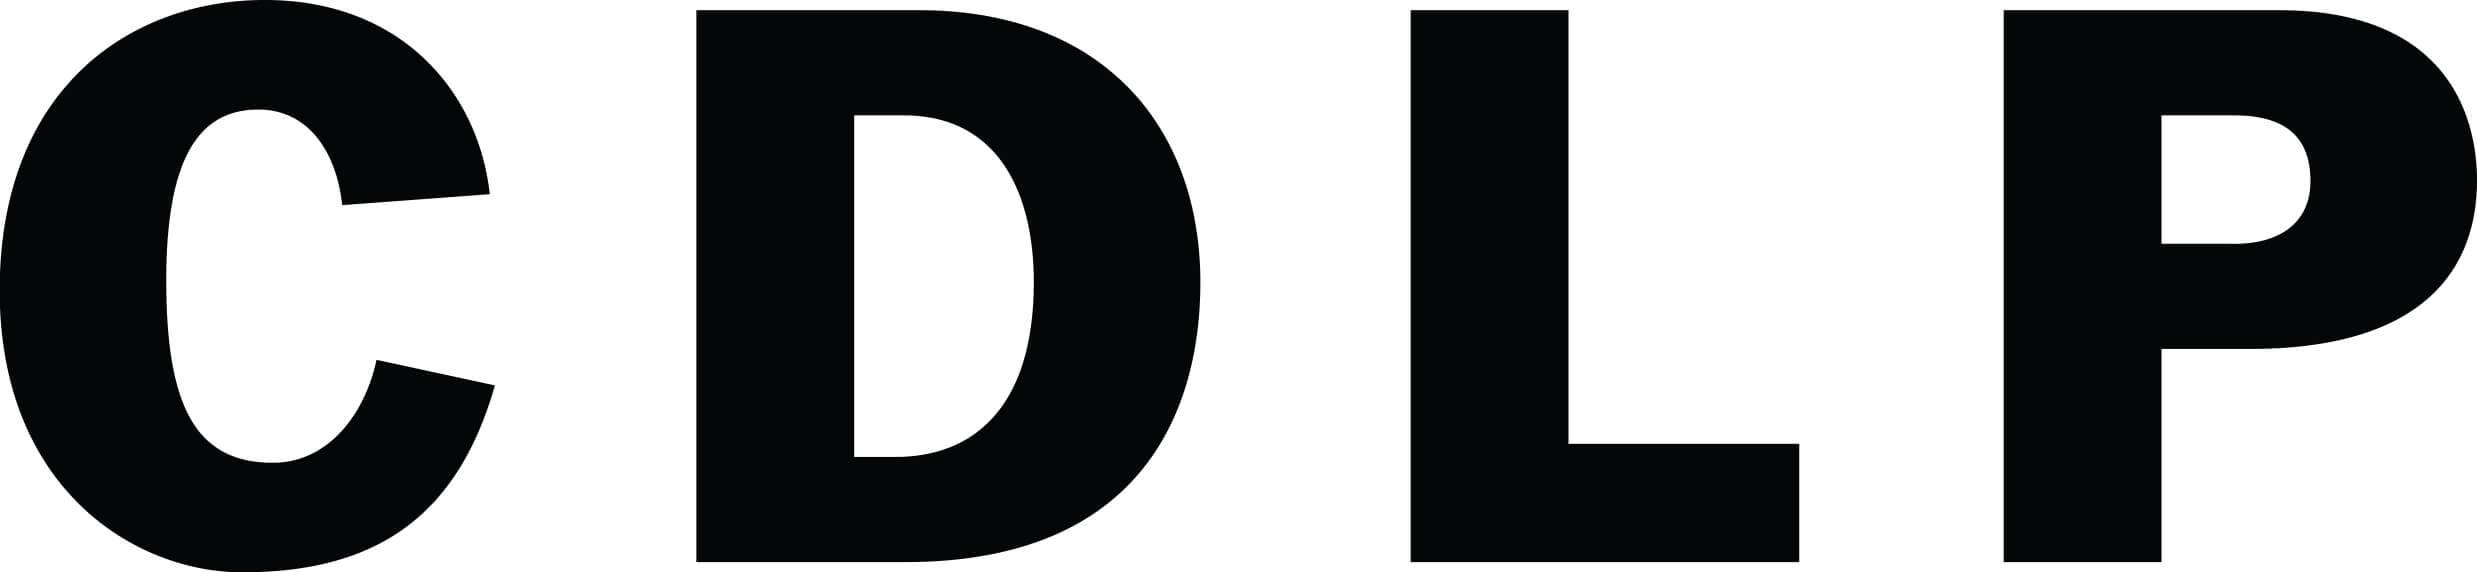 CDLP logo